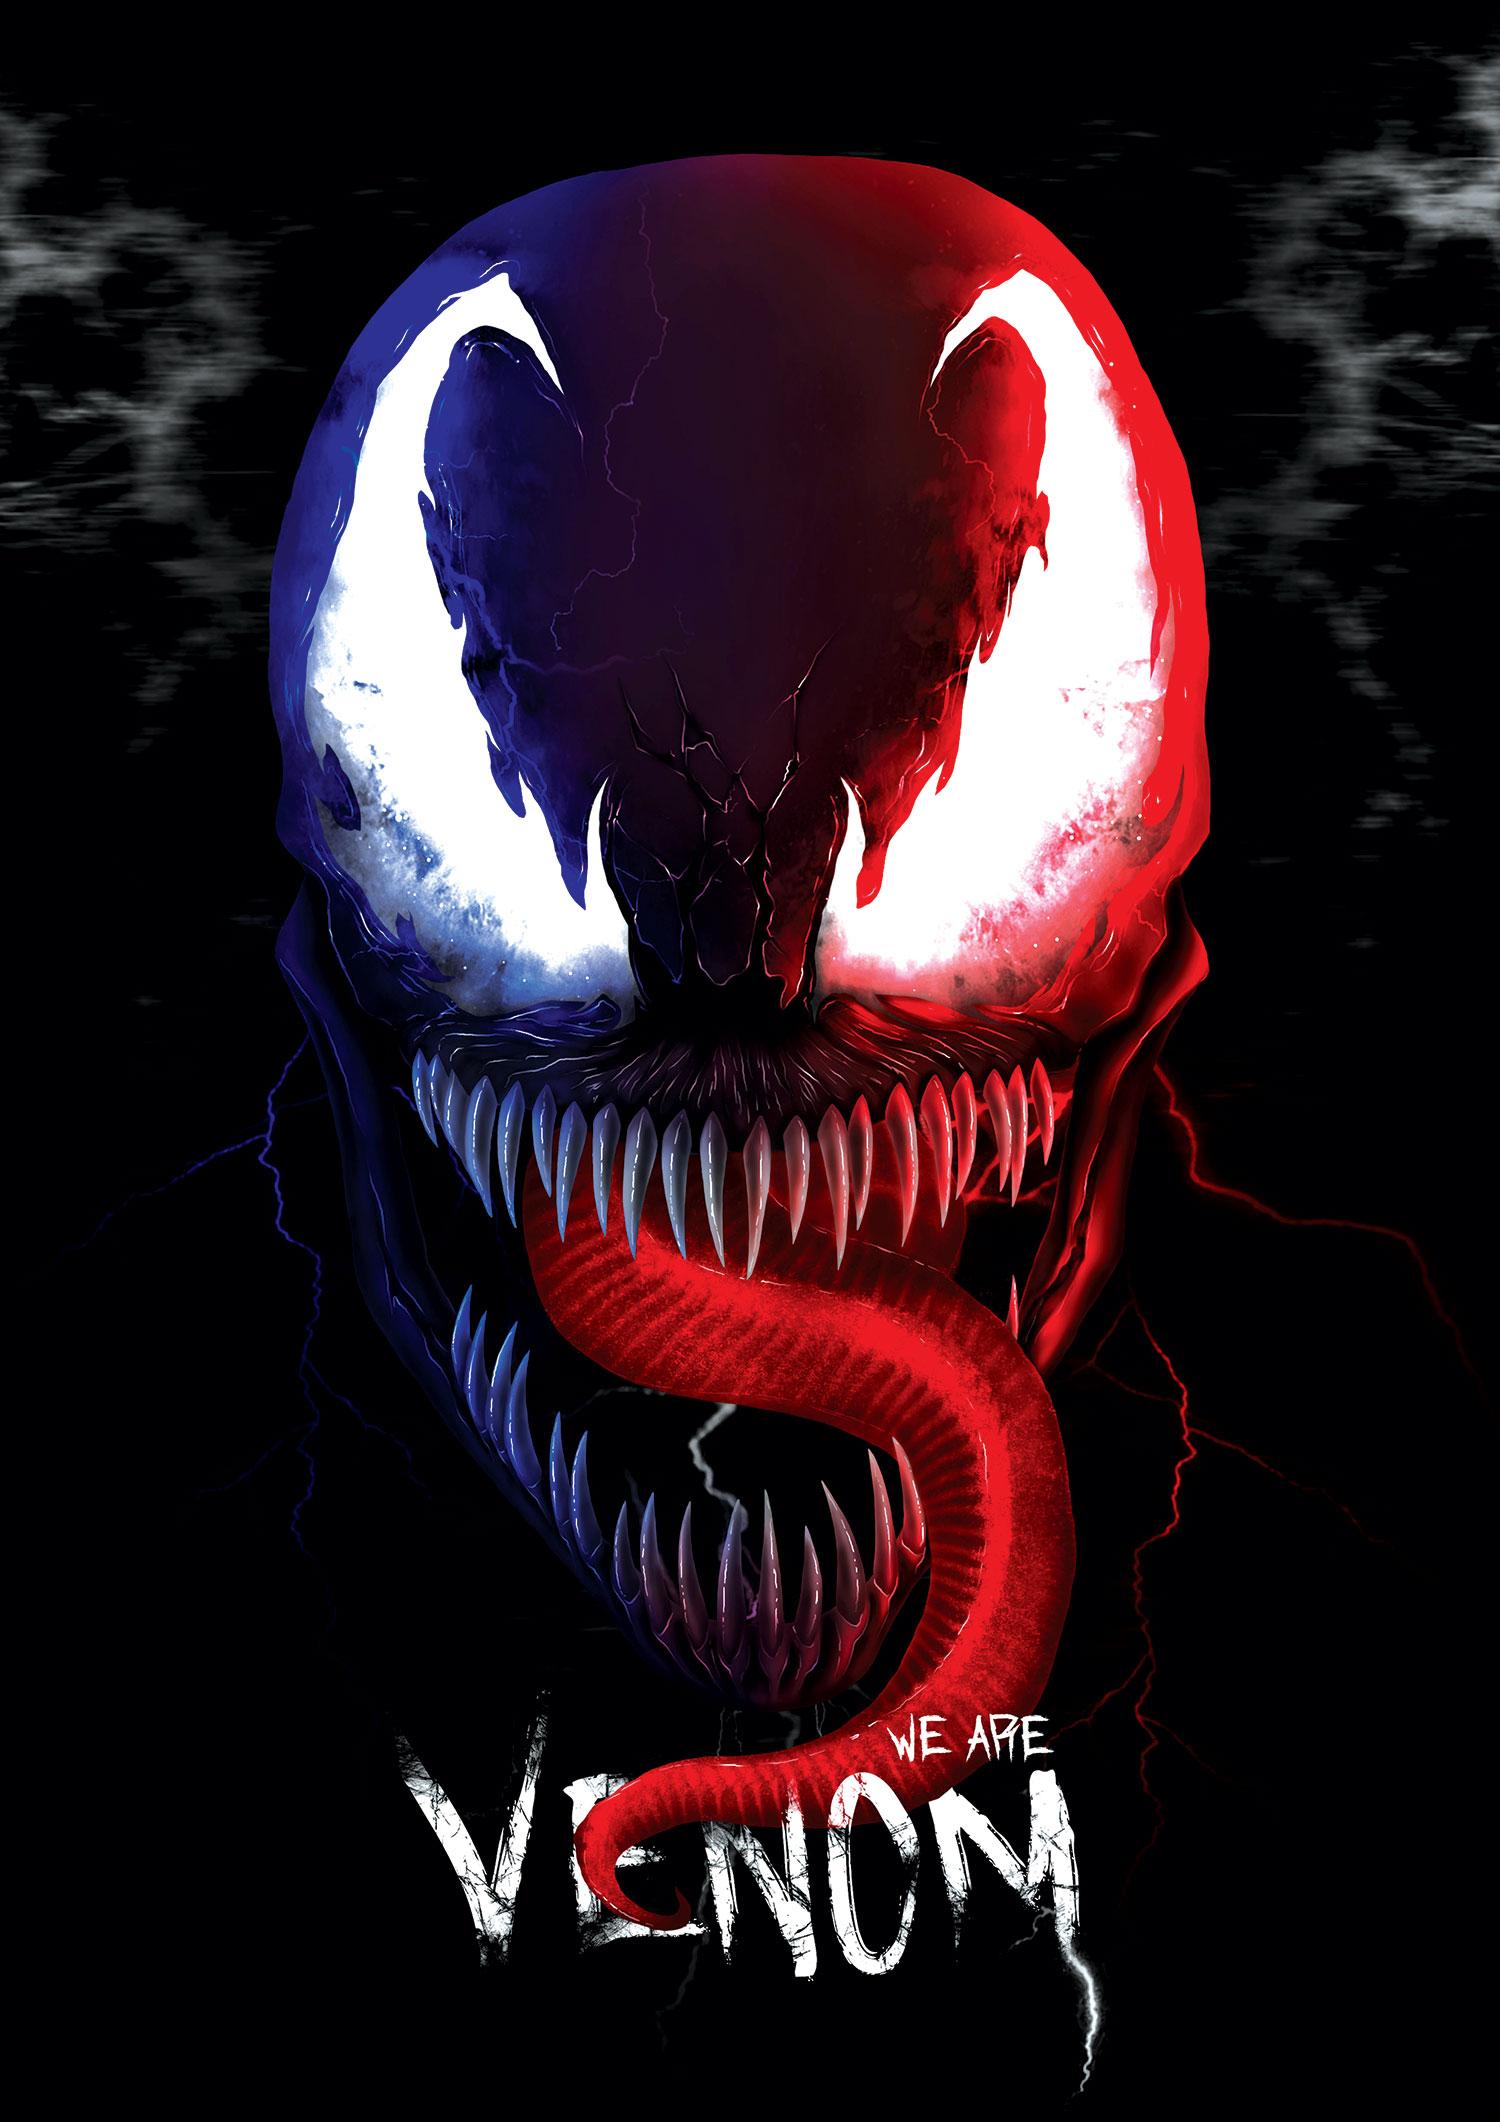 VenomSkull-SKULLUNATION-2018.jpg